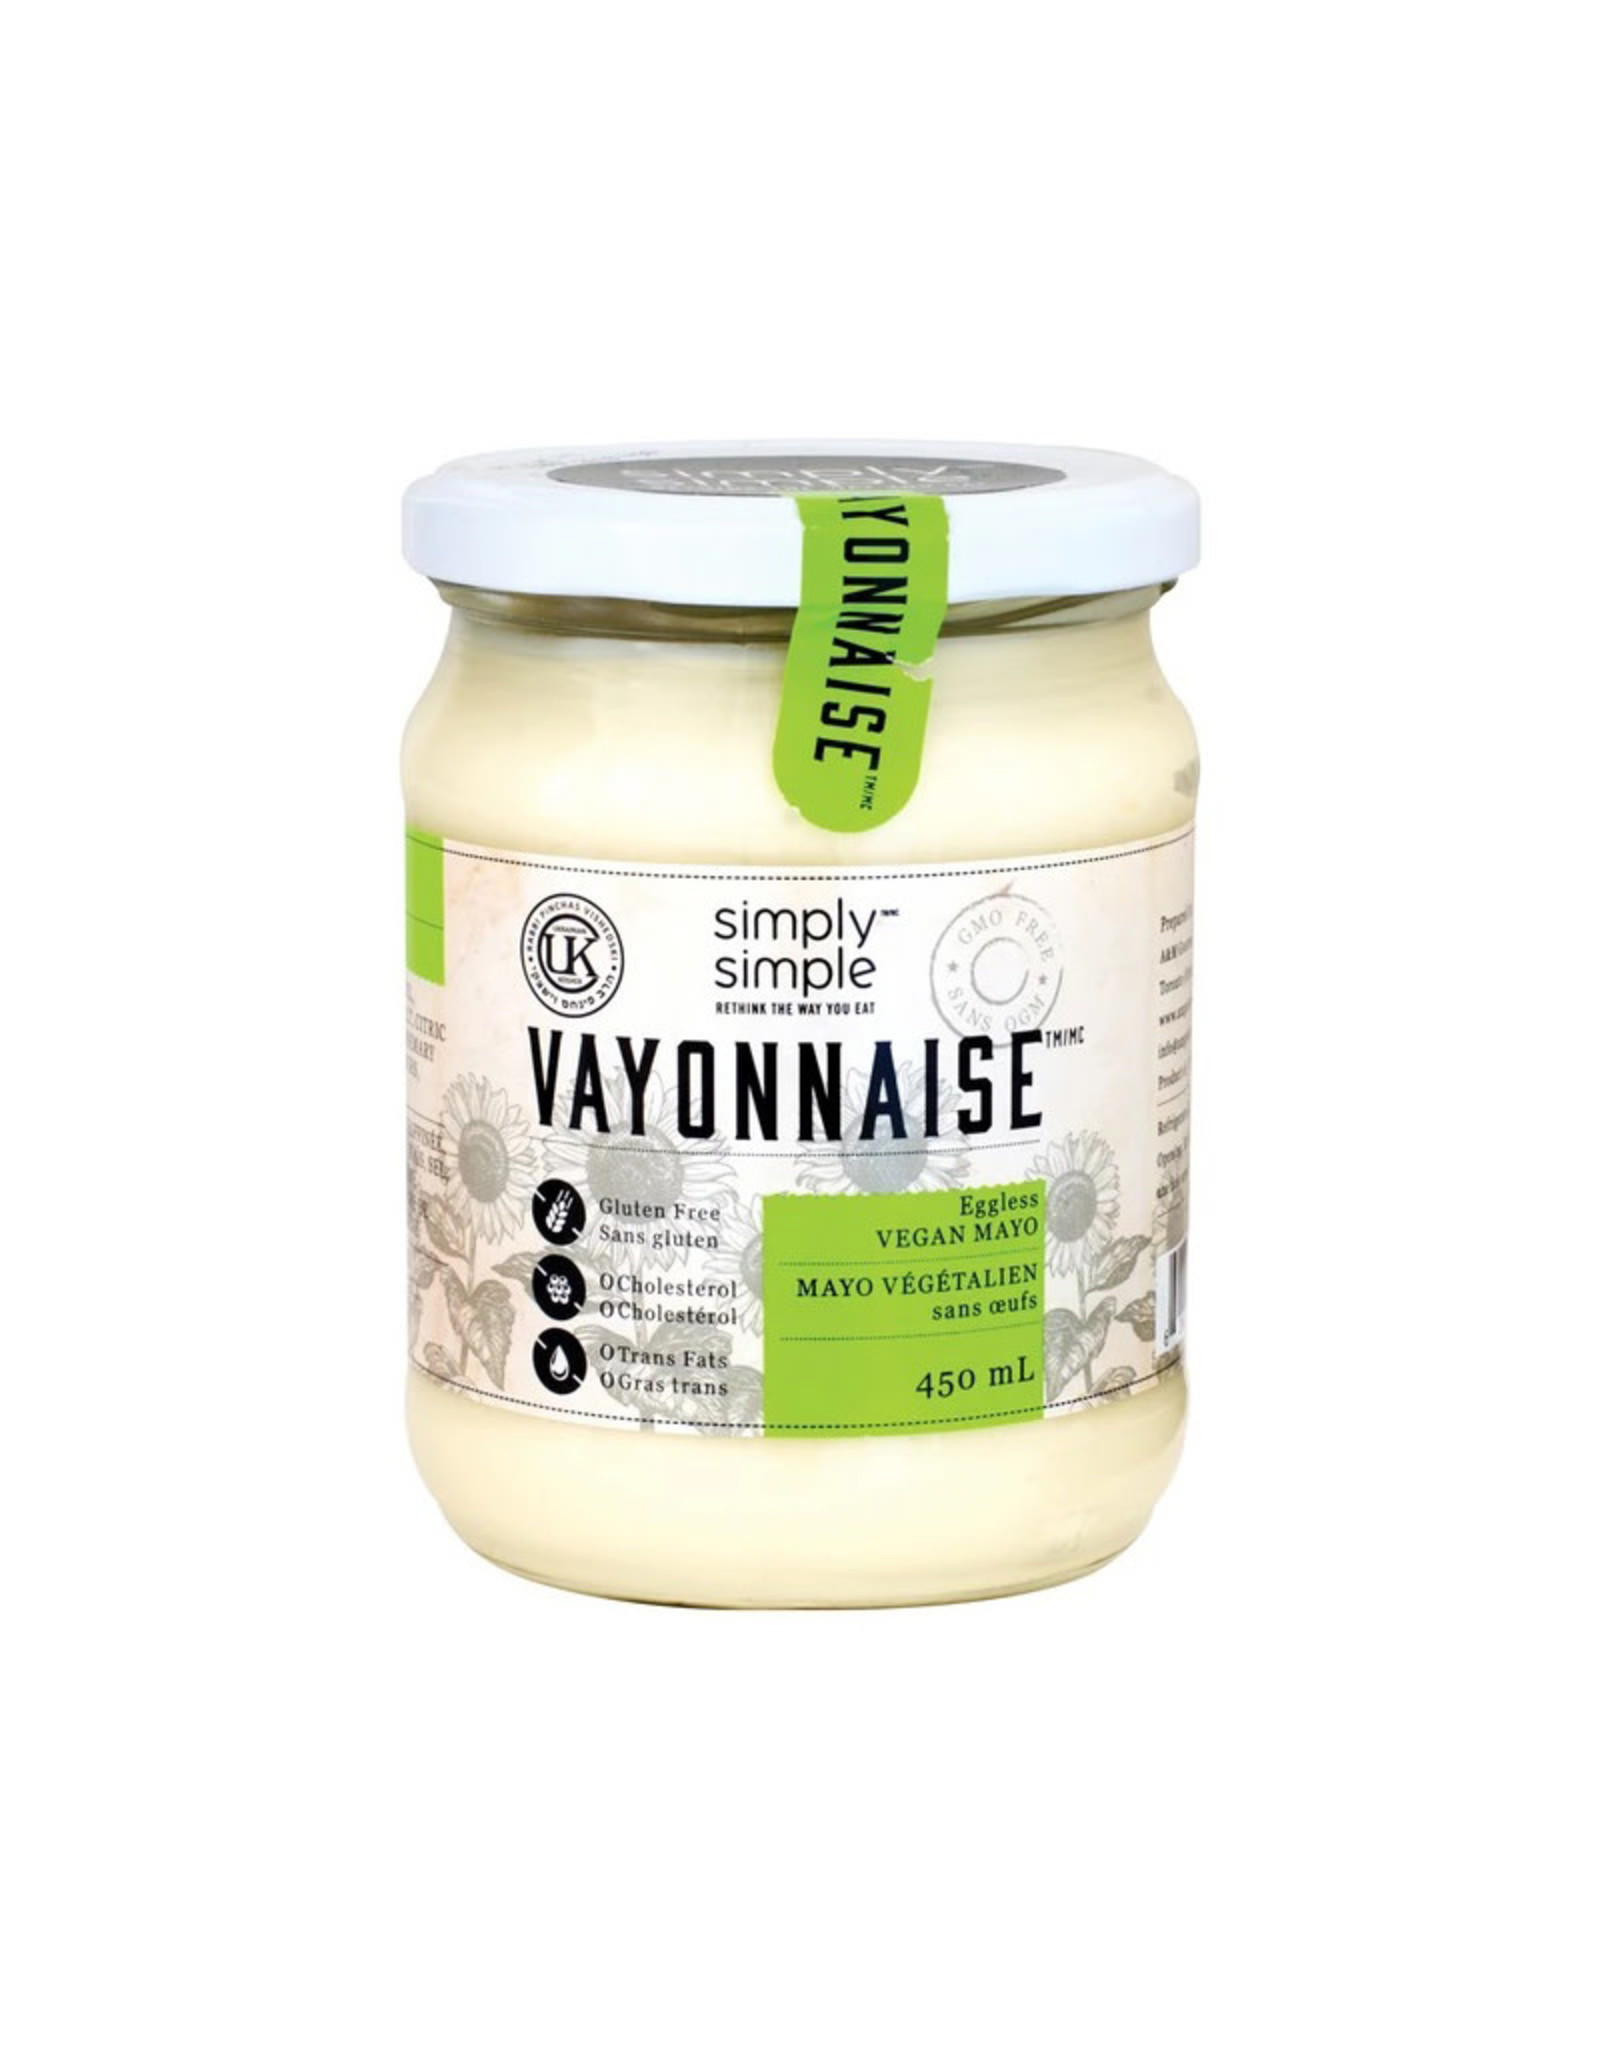 Simply Simple Simply Simple - Vayonnaise (450ml)